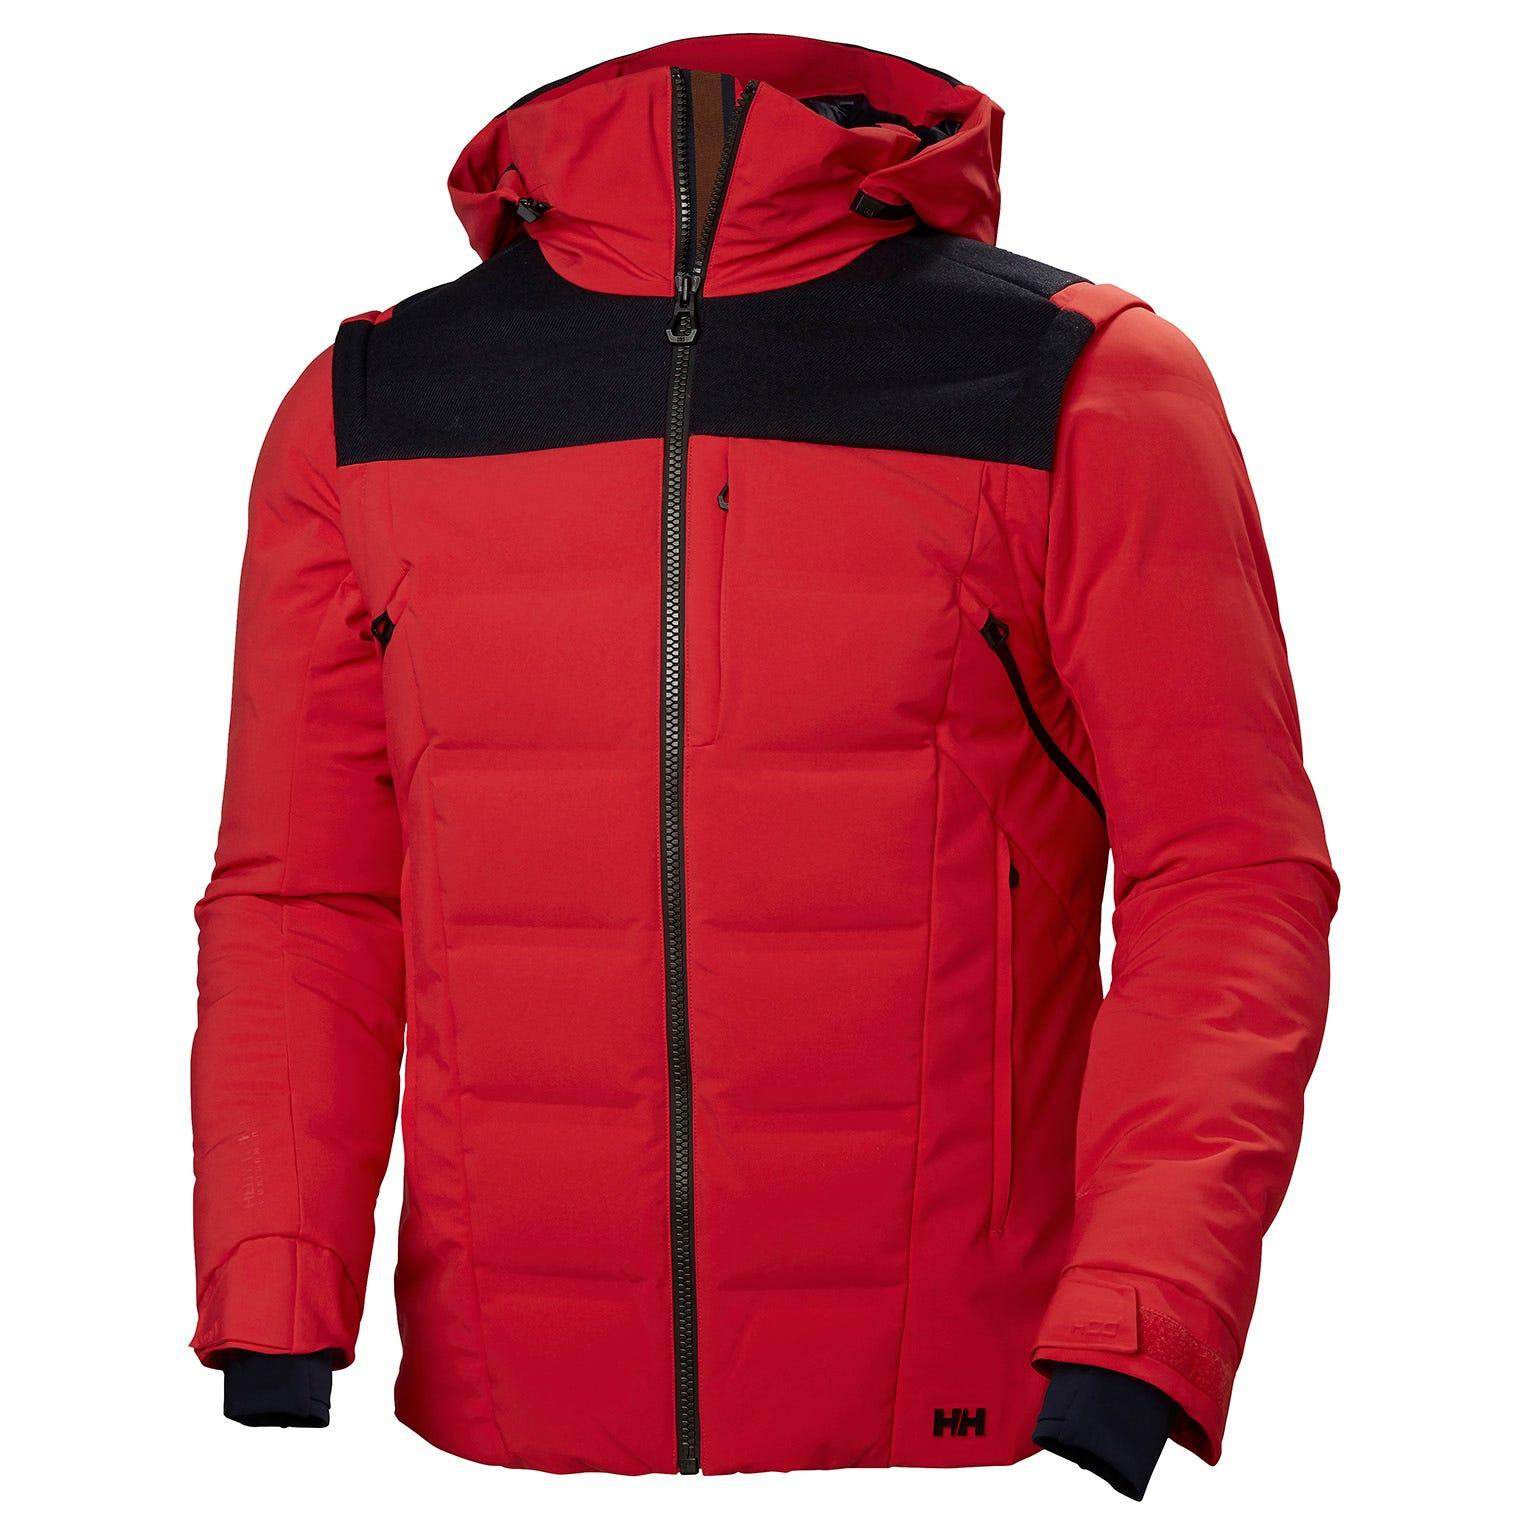 Helly Hansen Mens Kitzbühel Puffy Jacket Red XL